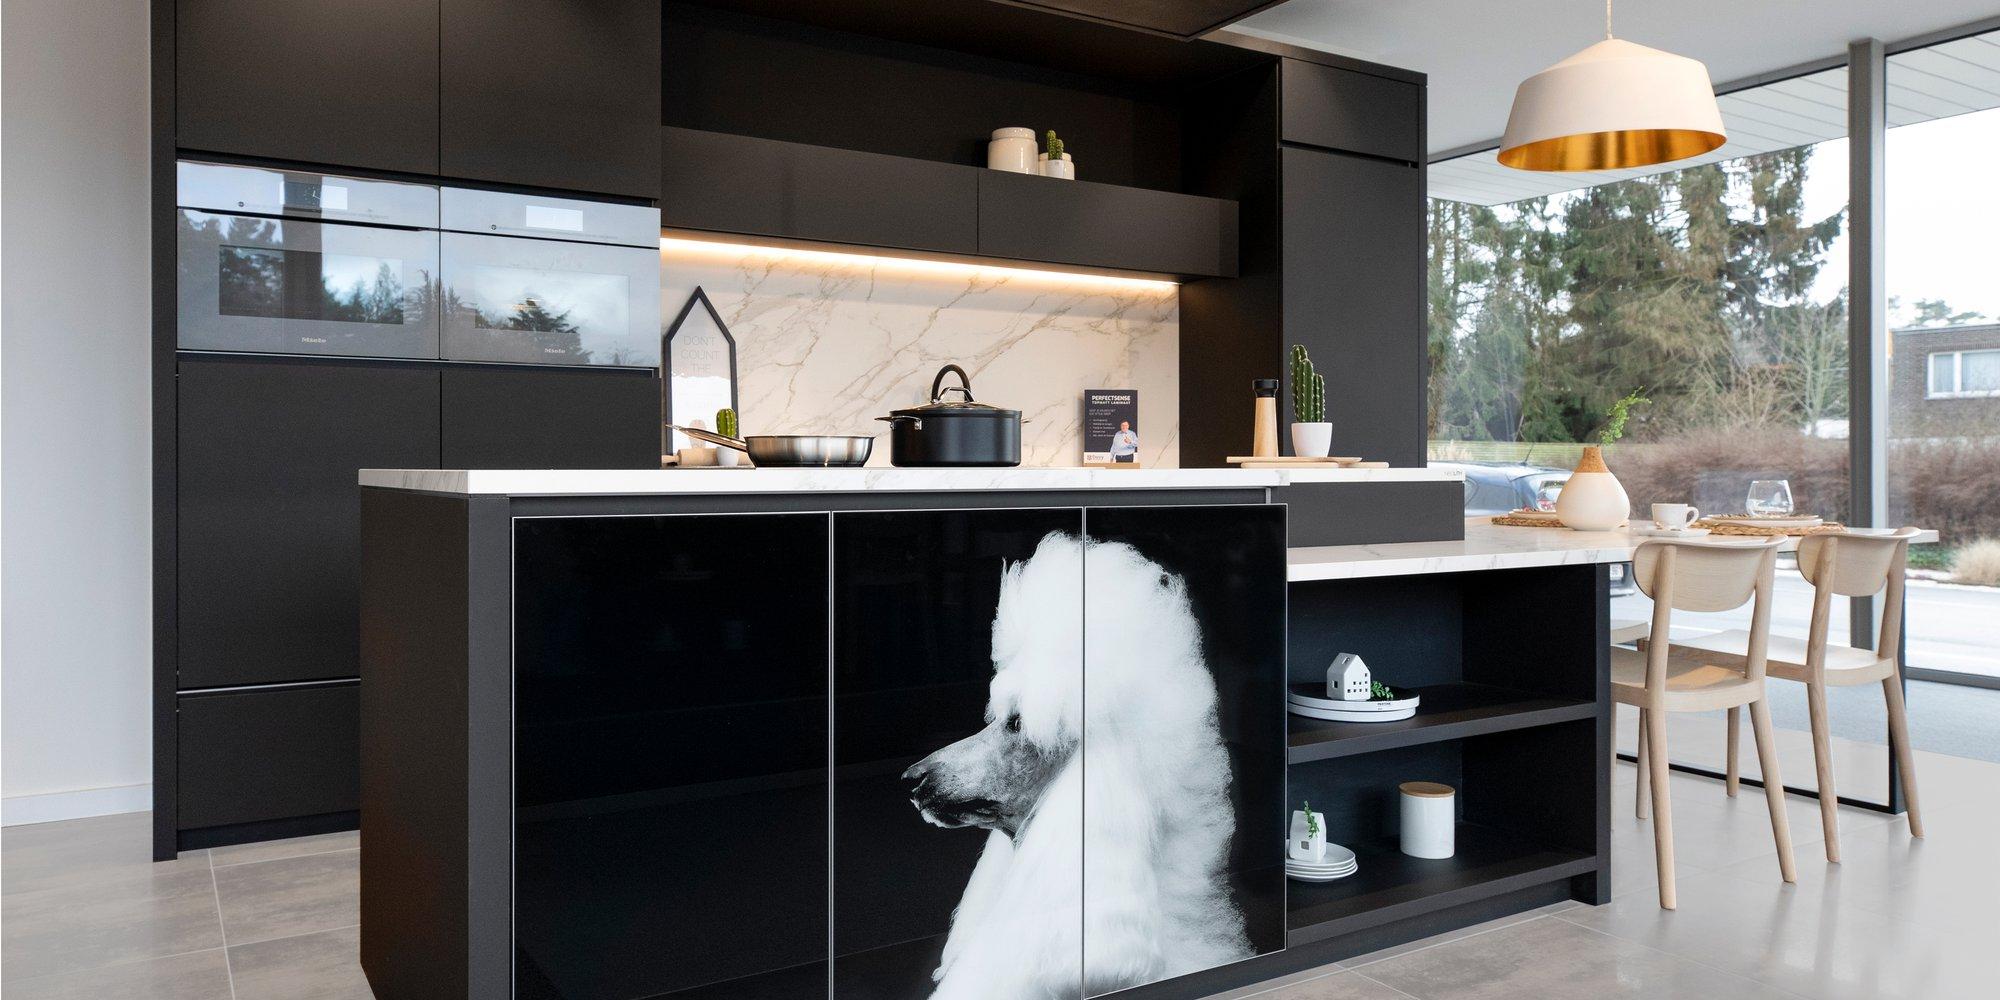 Geprinte kastdeuren met zwart wit foto van poedel